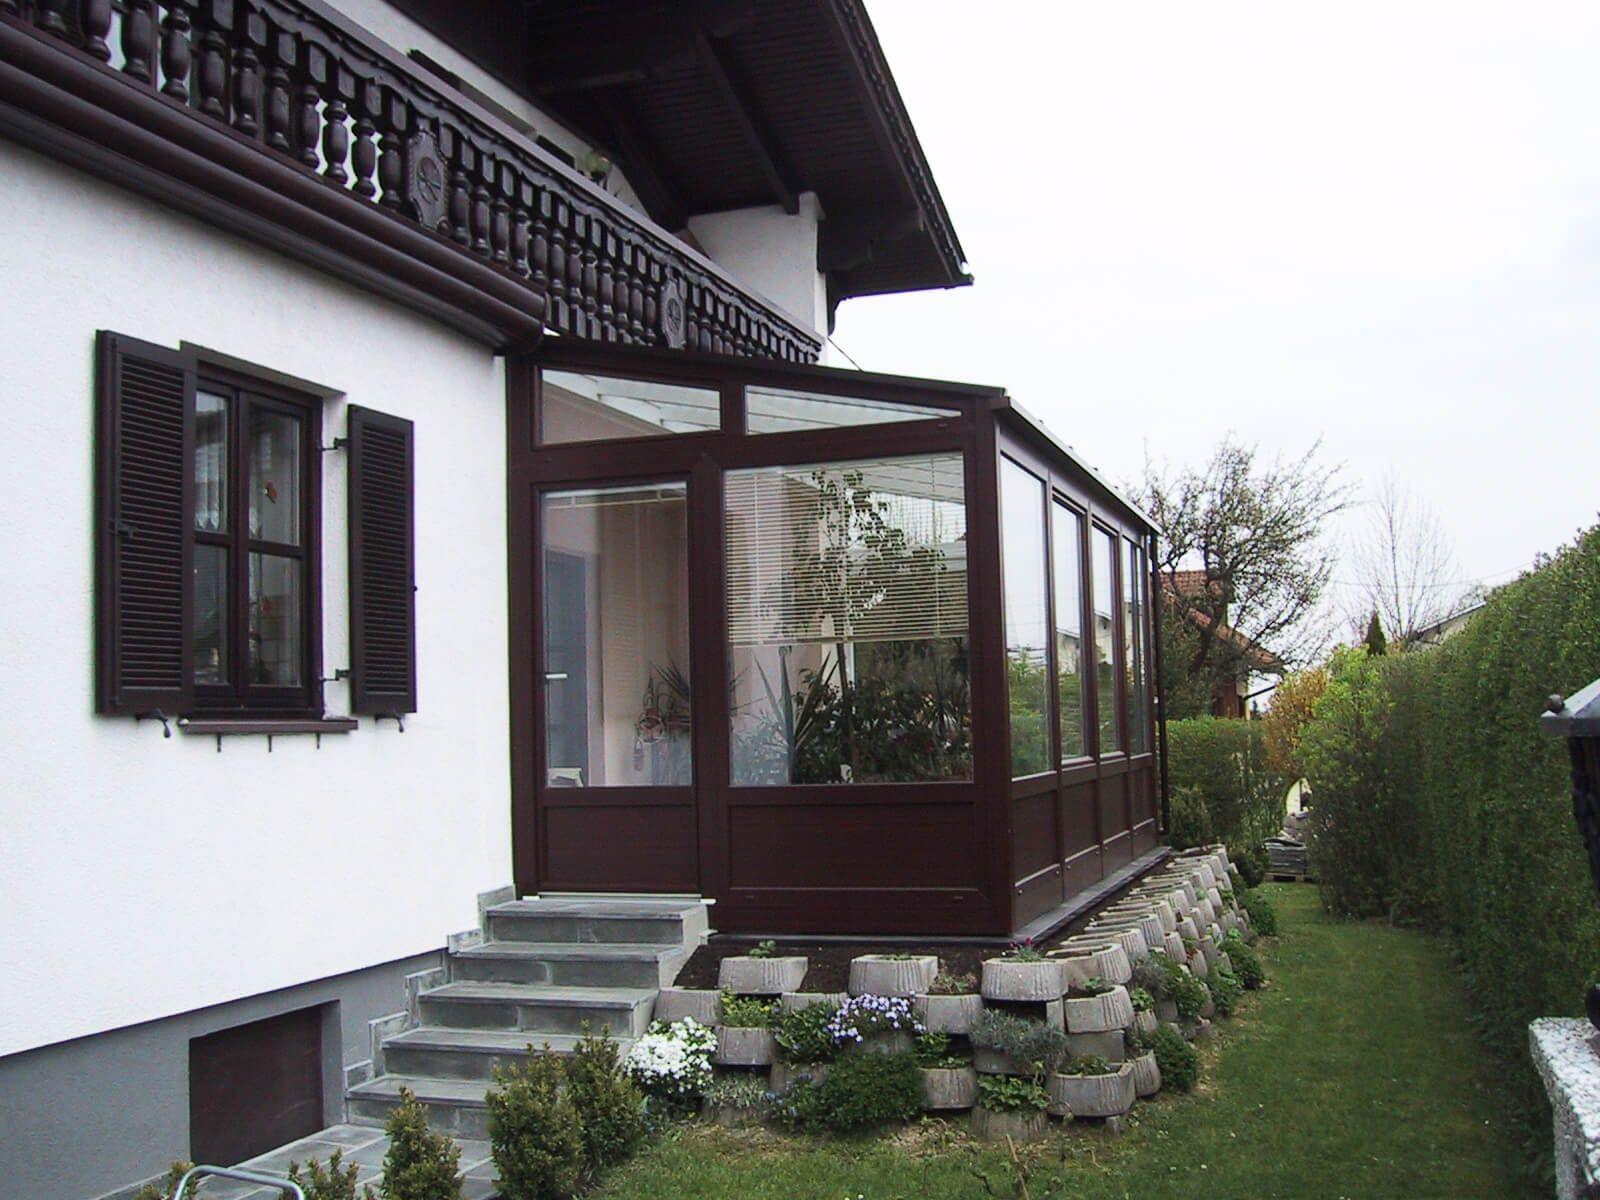 Wintergarten Als Wohnraumerweiterung Mit Jalousien Wintergarten